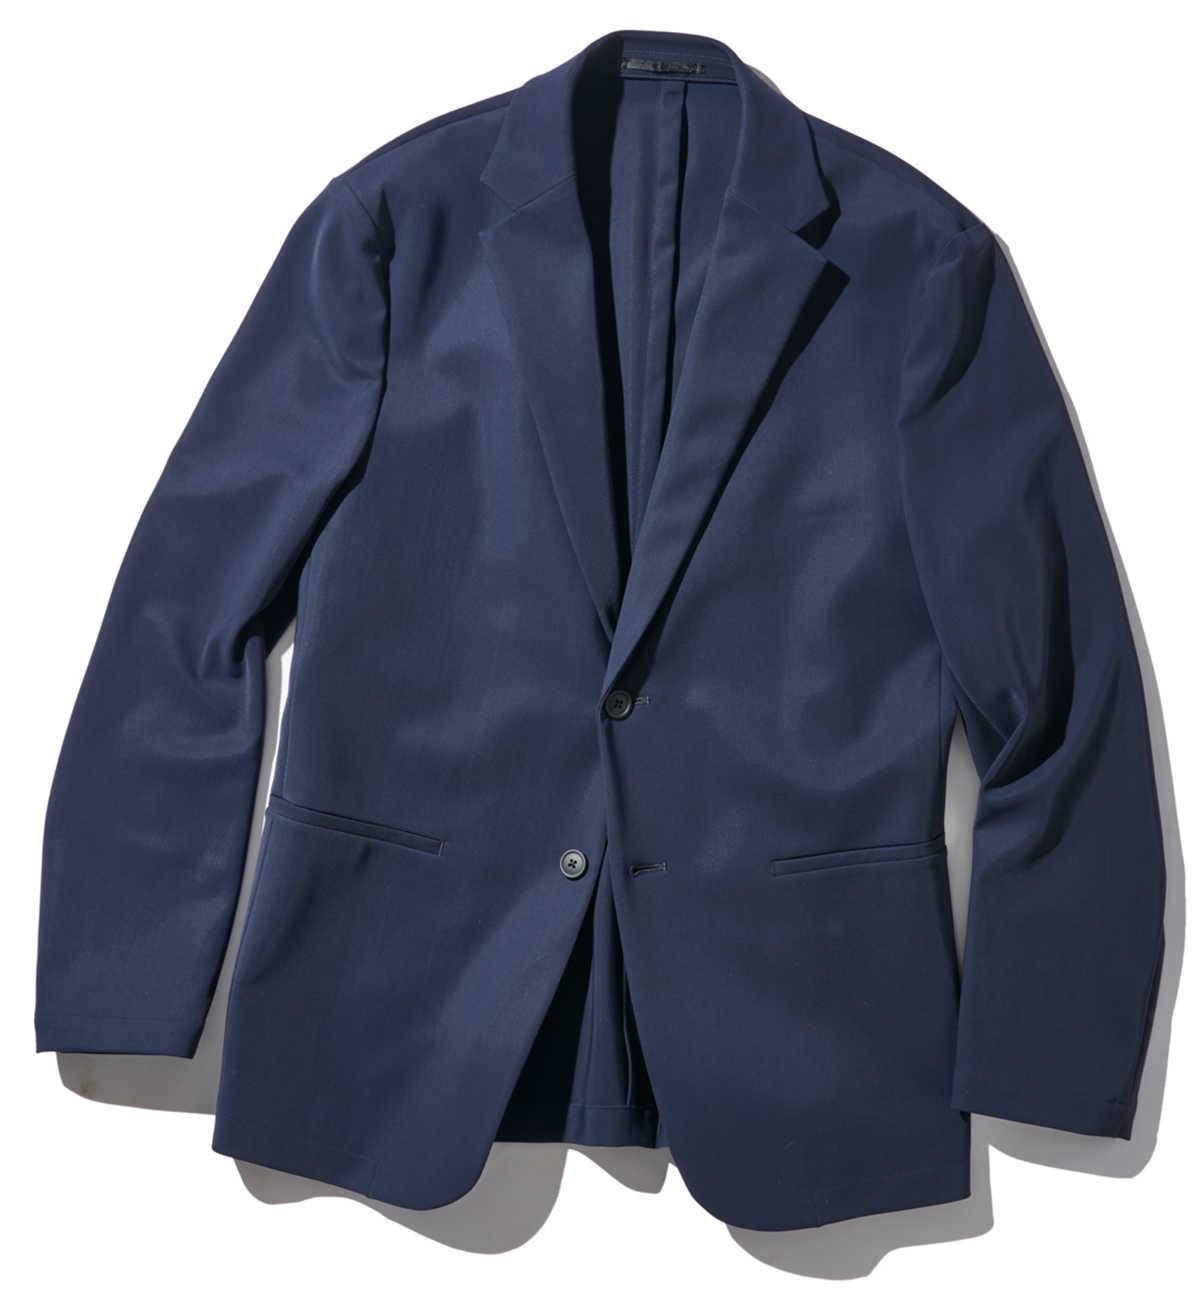 デートに自信を持って挑むには!?まさかのお家で洗えるテイラードジャケット!